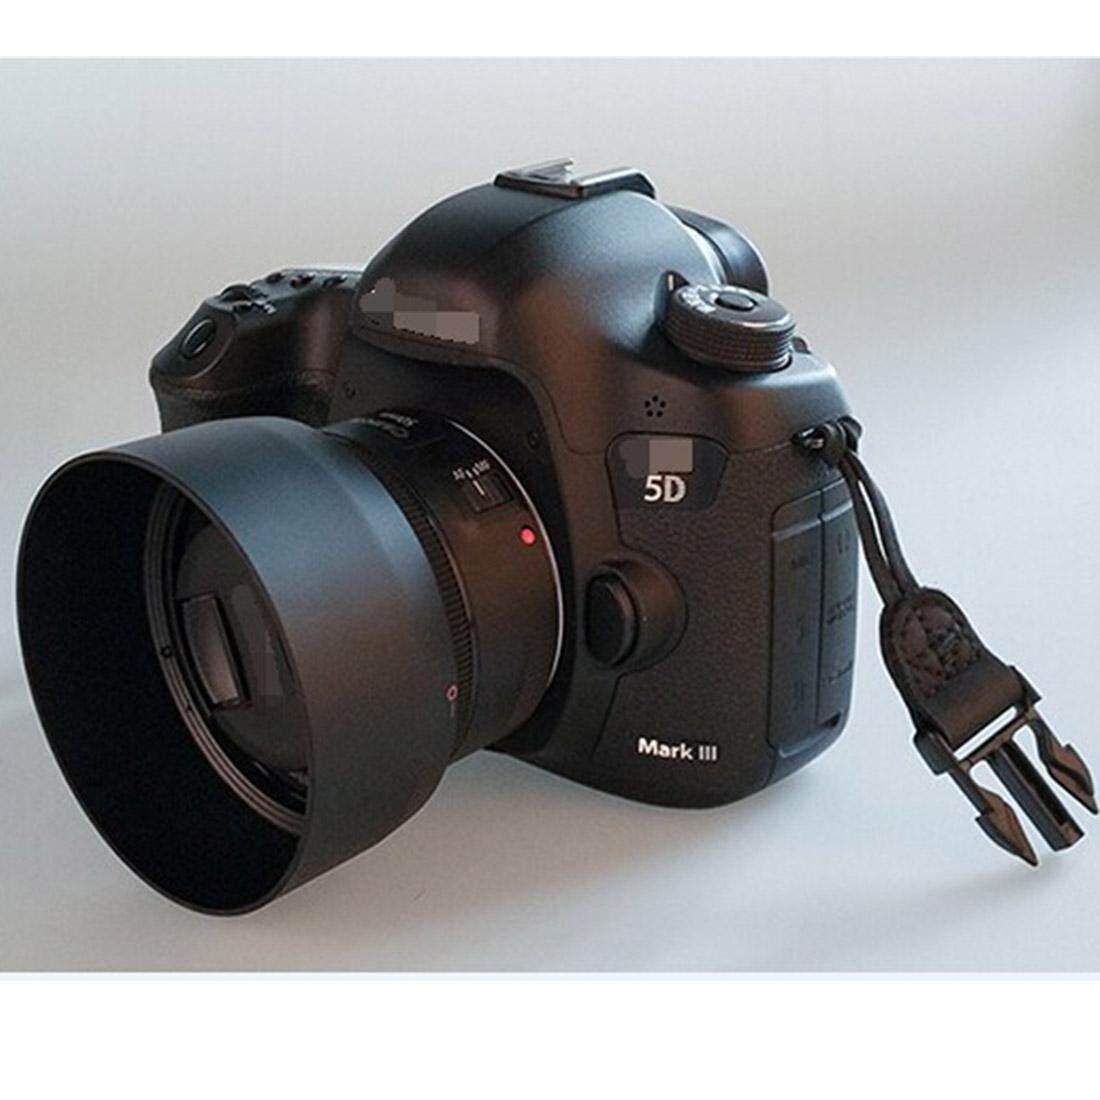 ใหม่กล้องเลนส์สำหรับ Canon Es68 Es-68 Ef 50 มิลลิเมตร F/1.8 Stm เลนส์กล้องอุปกรณ์เสริม - สนามบินนานาชาติ By Xingchuang Store.